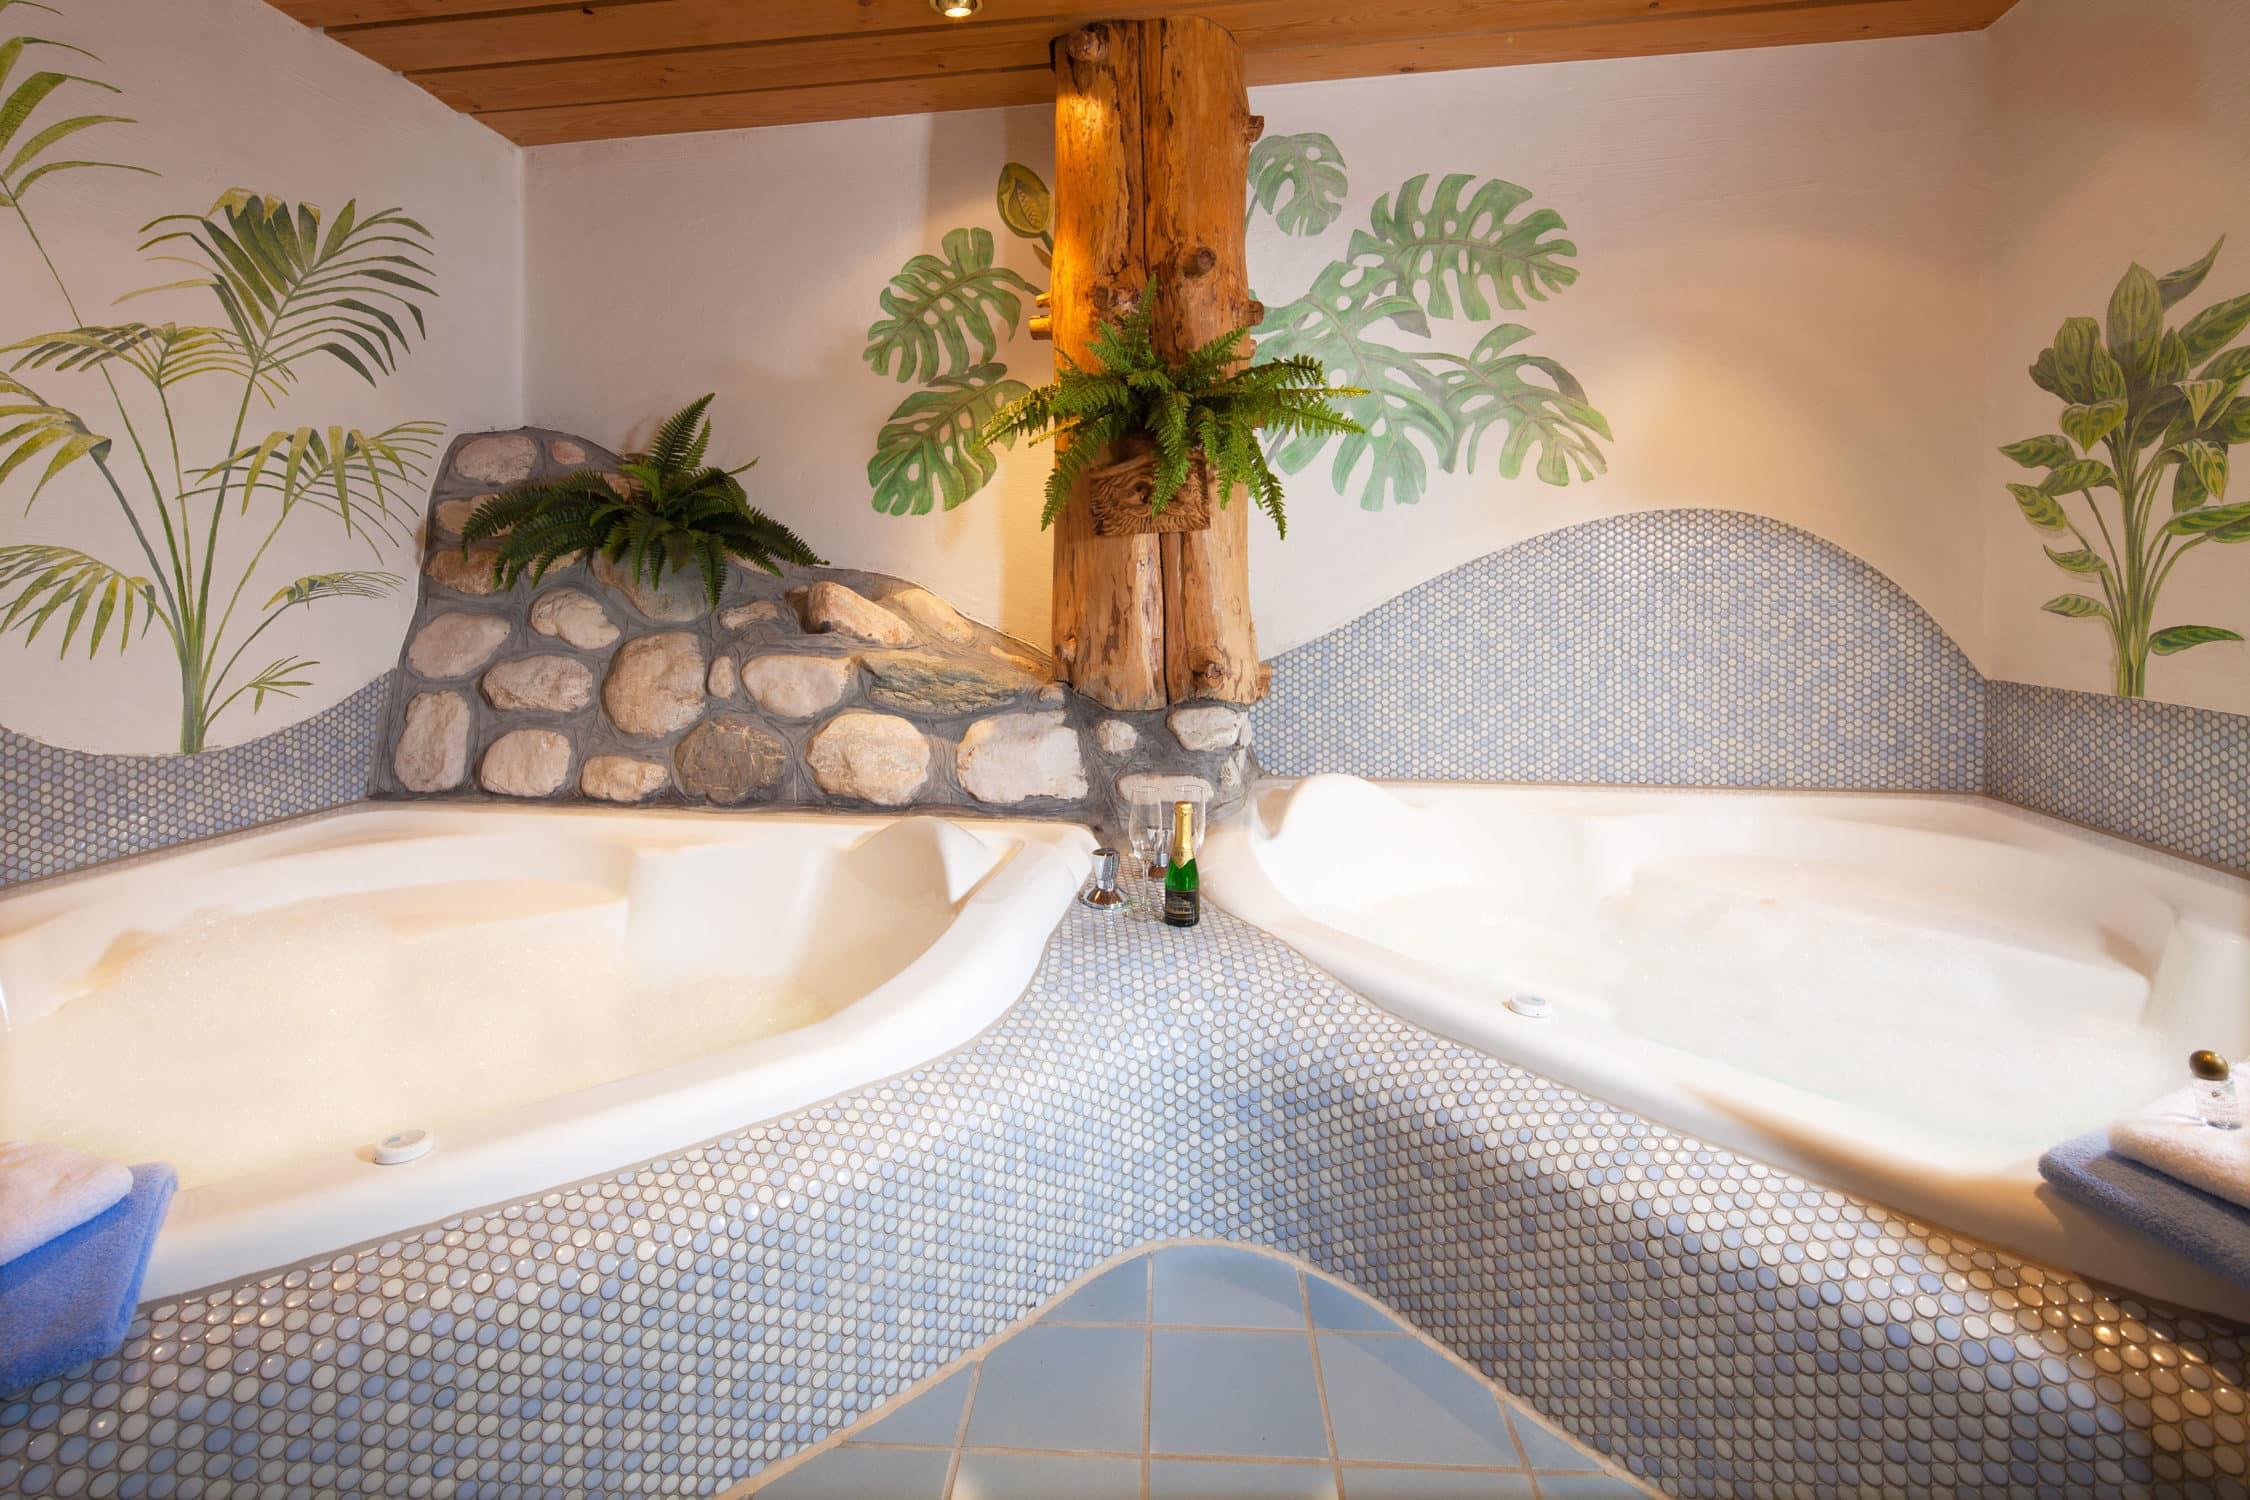 Whirpools in unserem Hotel Gasthof Nutzkaser, Wellness und Entspannung pur